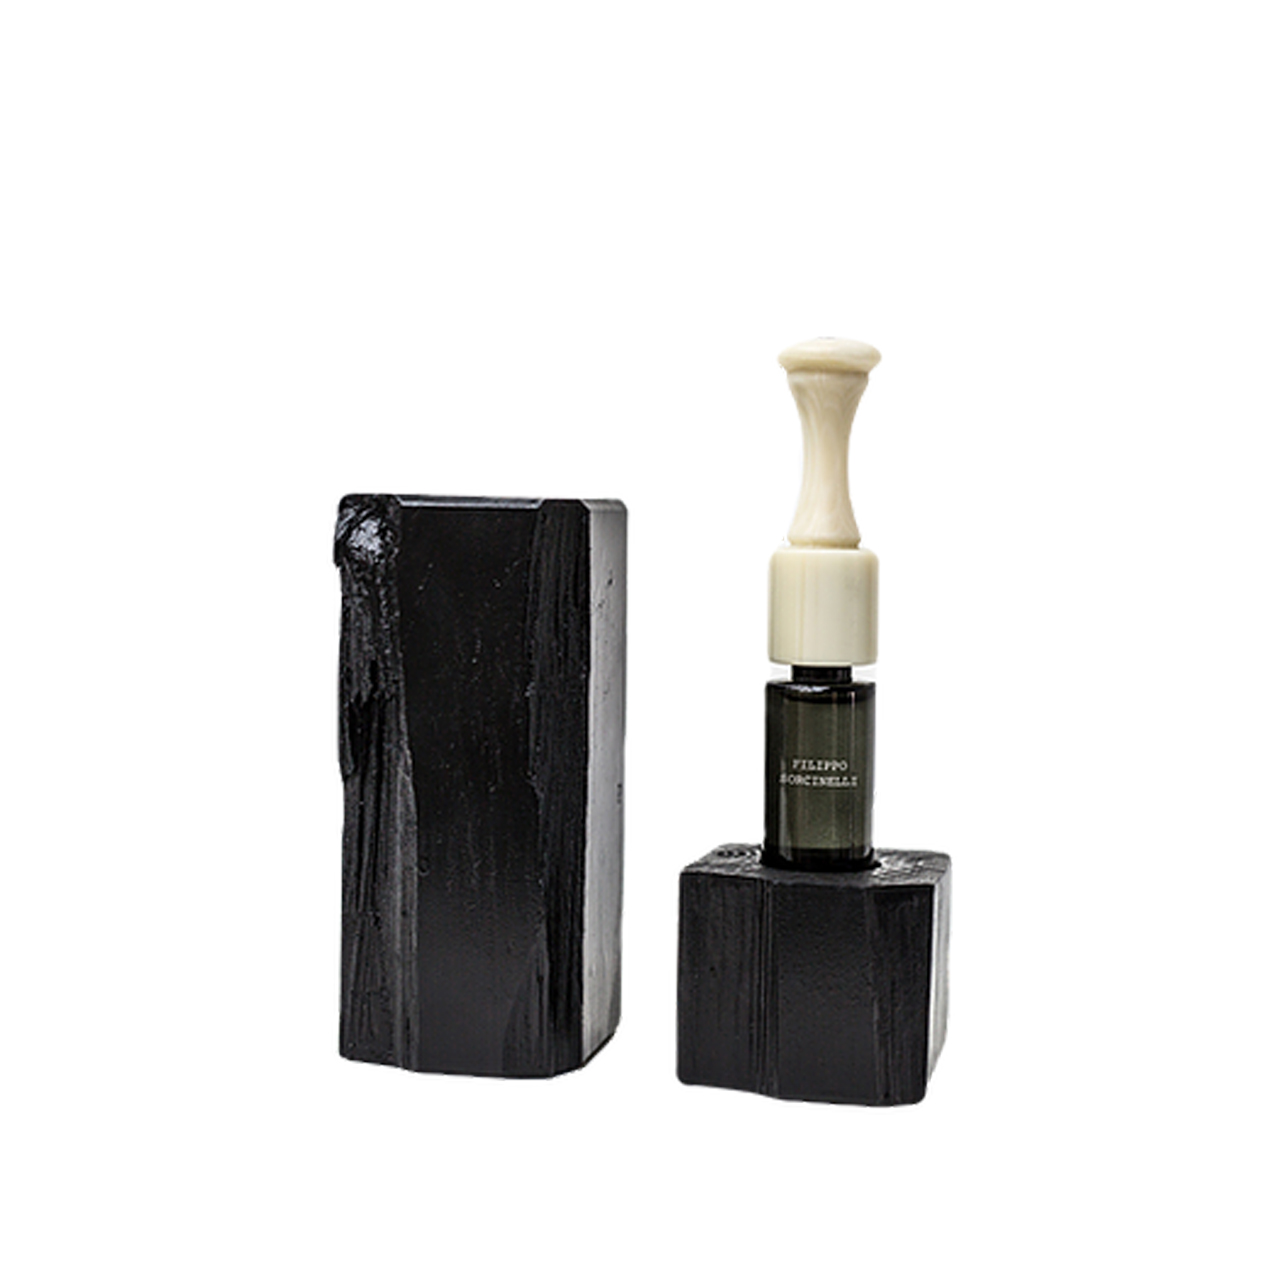 Unda Maris 8 - Extrait de Parfum